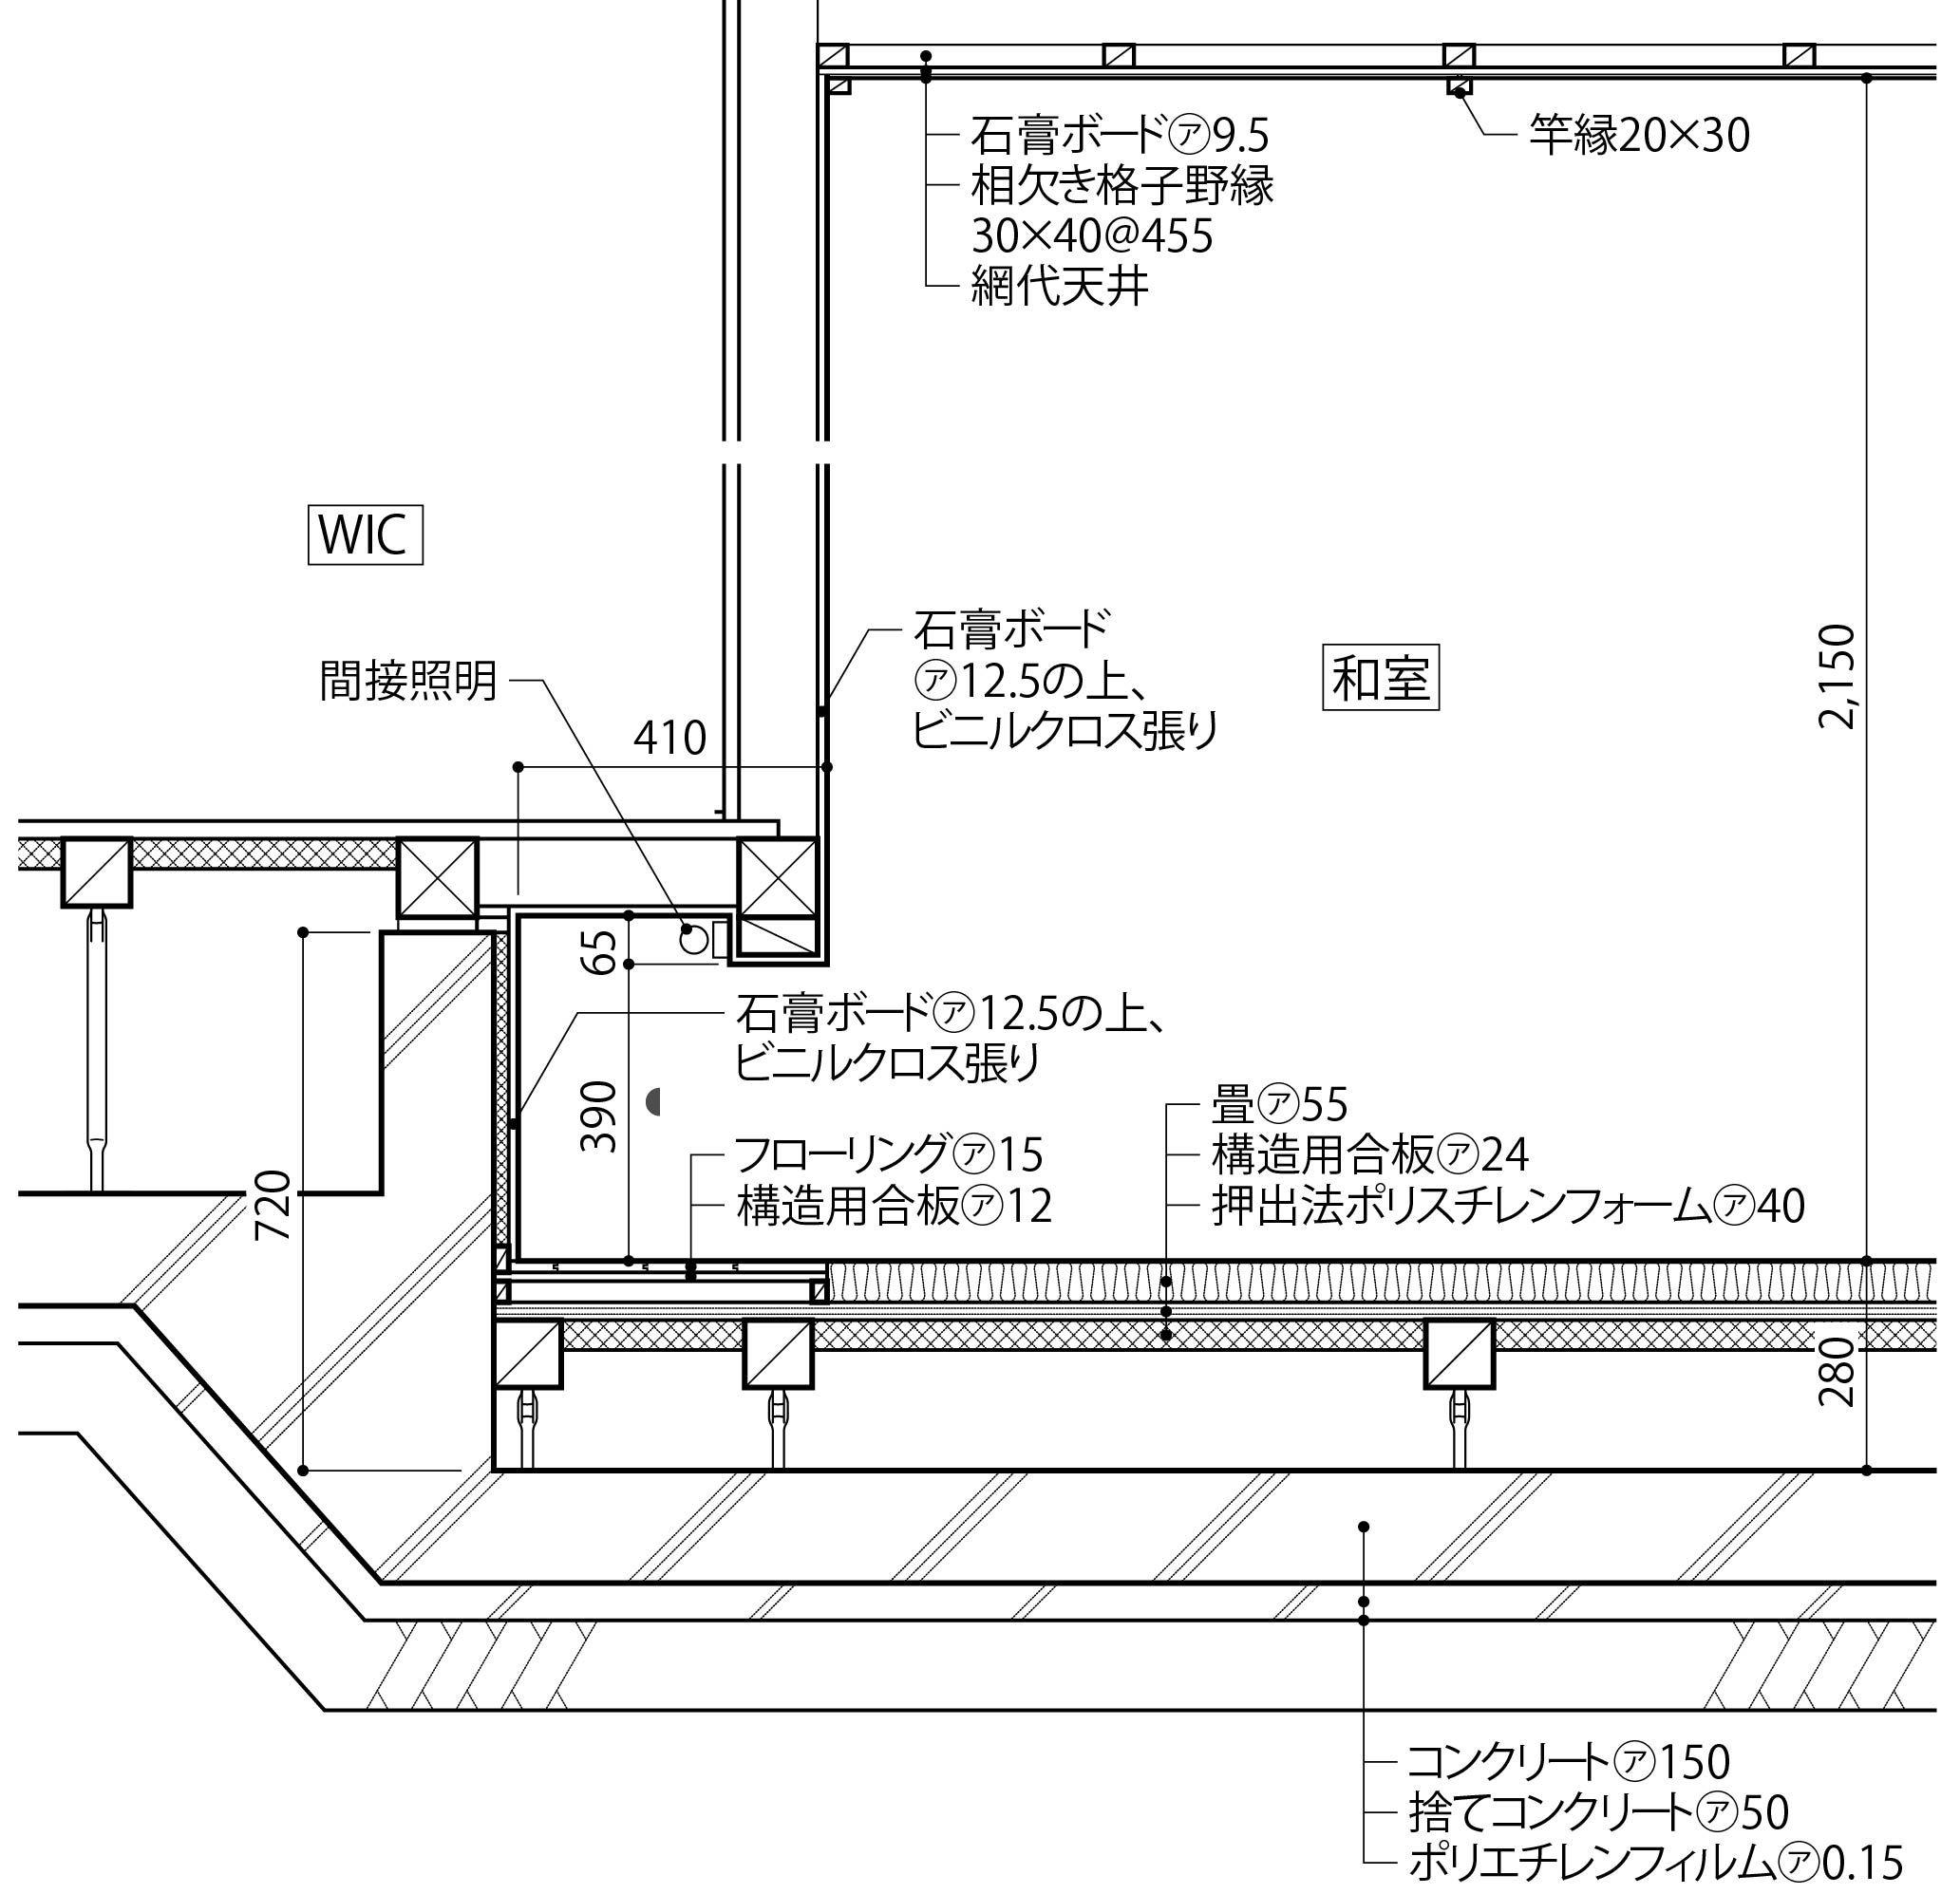 スキップフロアを利用した間接照明 施工図 インテリアデザインの